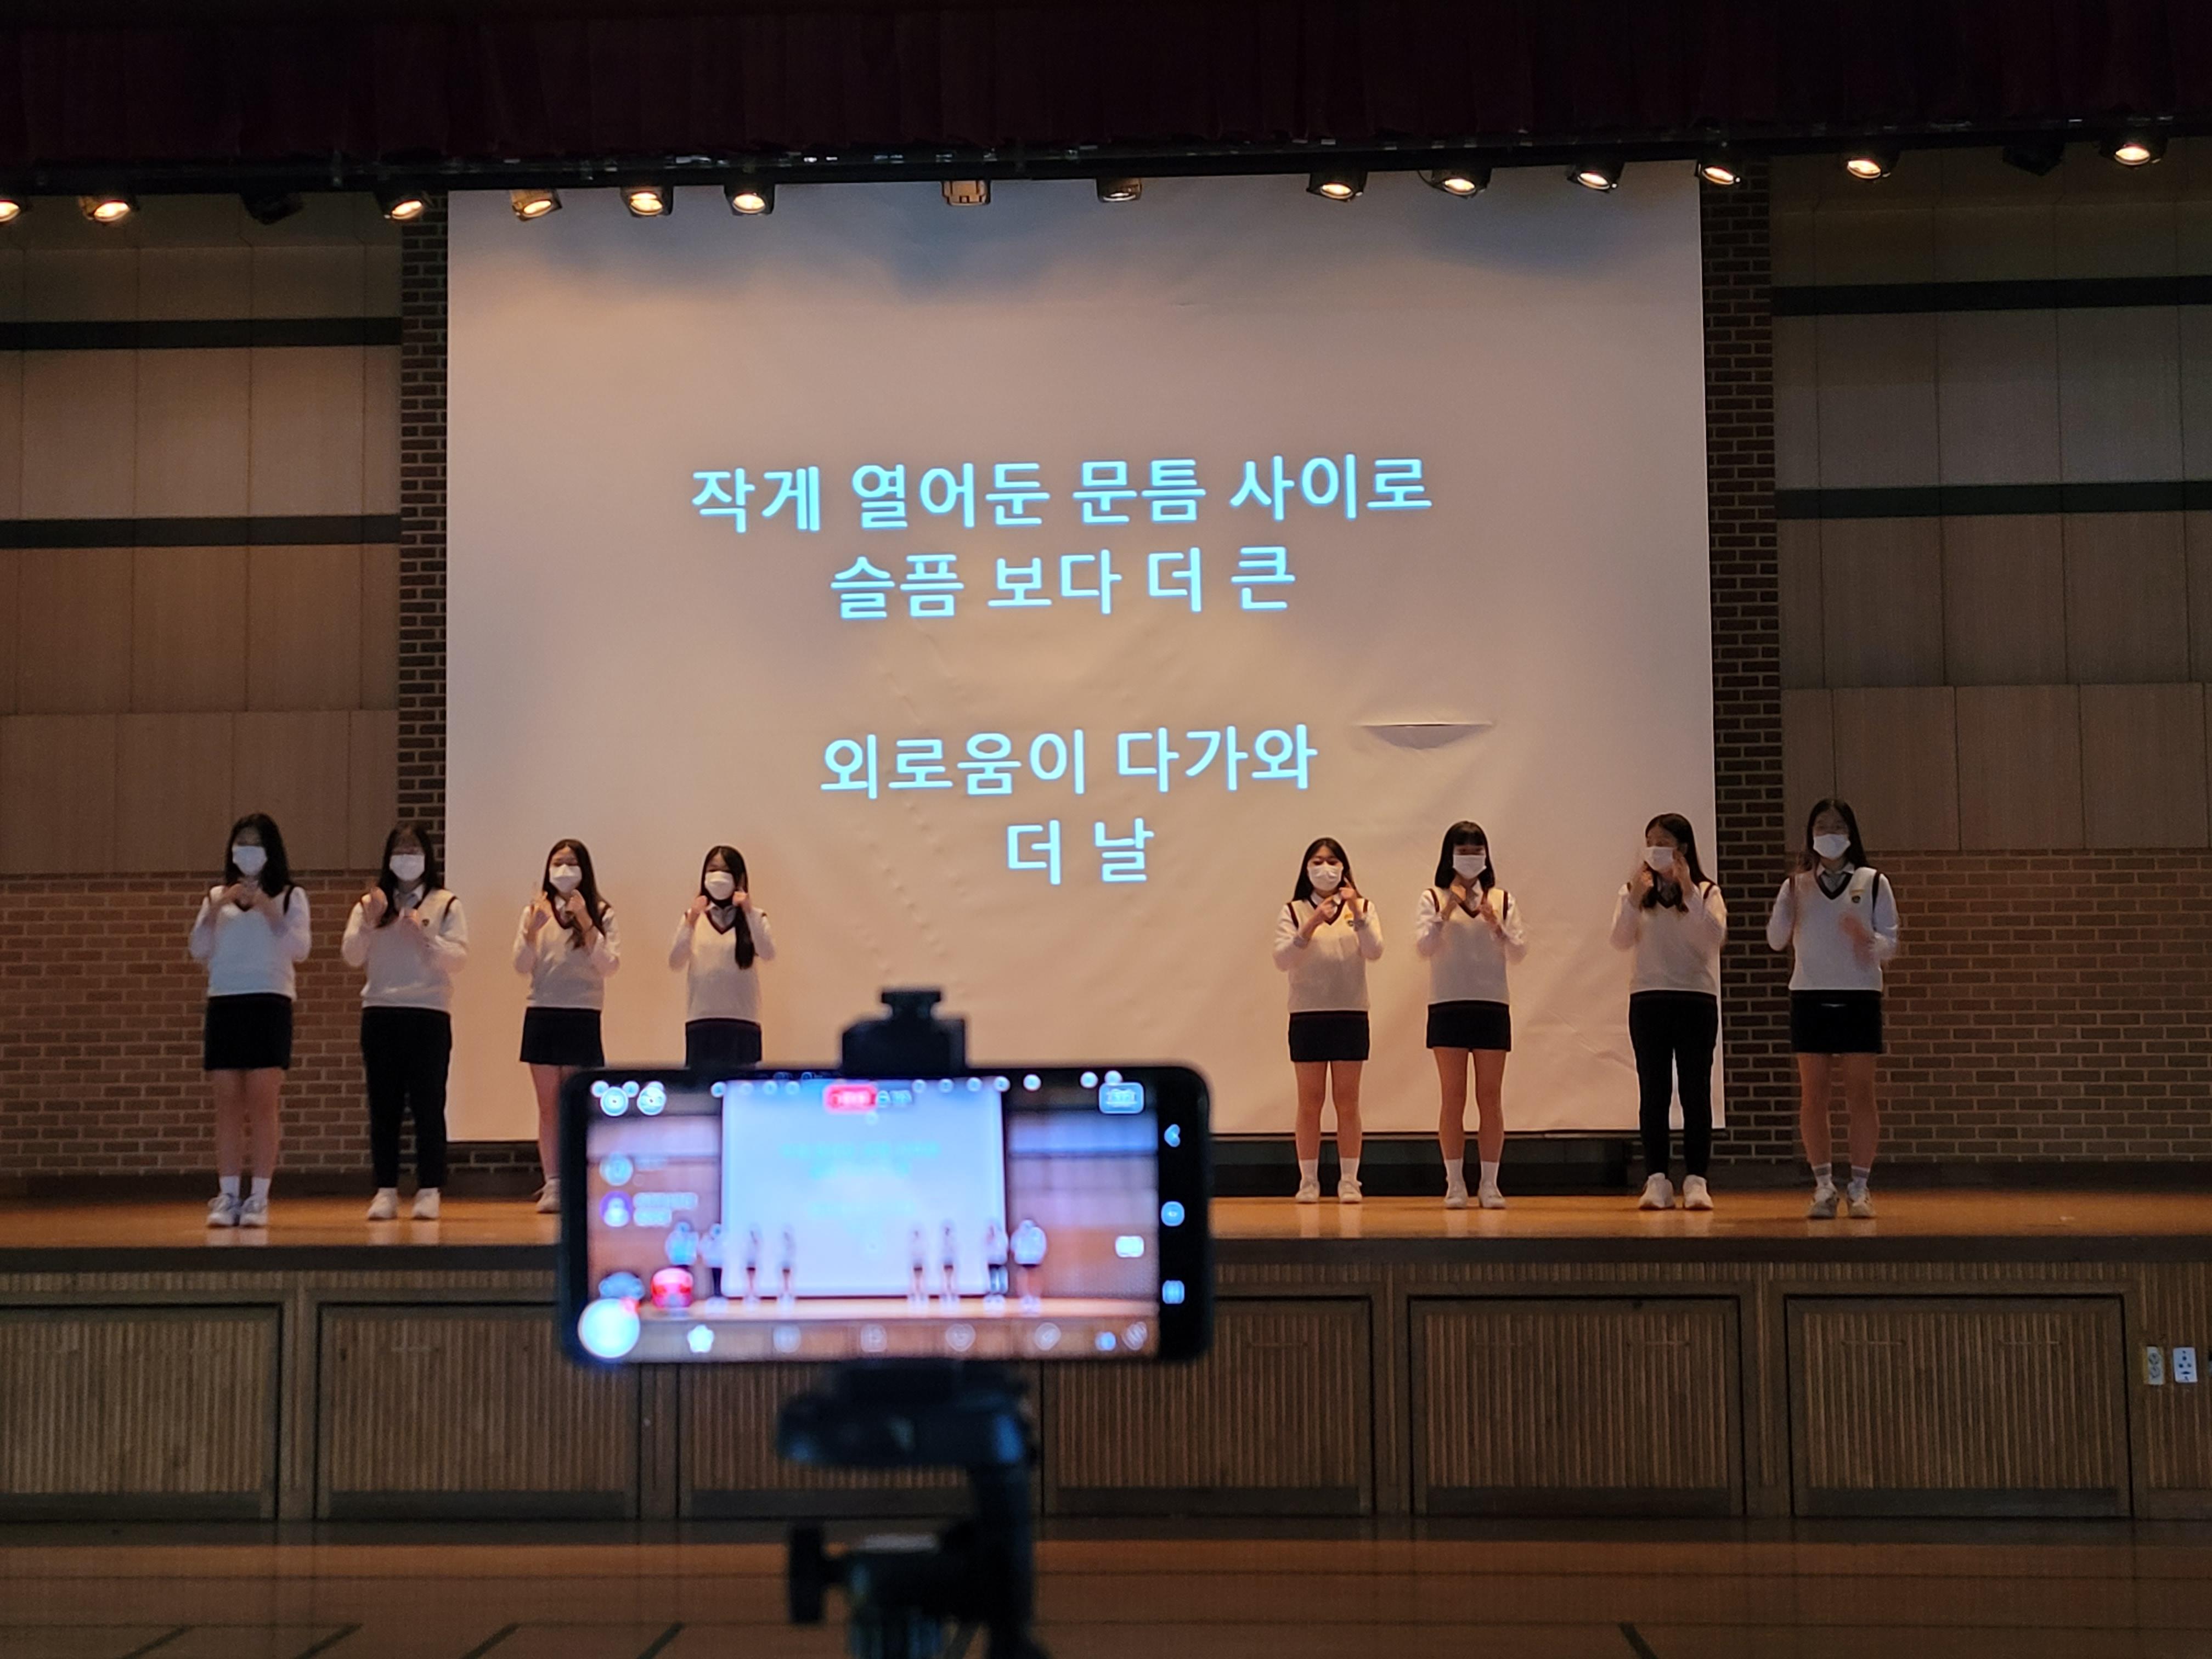 [일반] 뜨락음악회 Youtube Live 공연의 첨부이미지 2